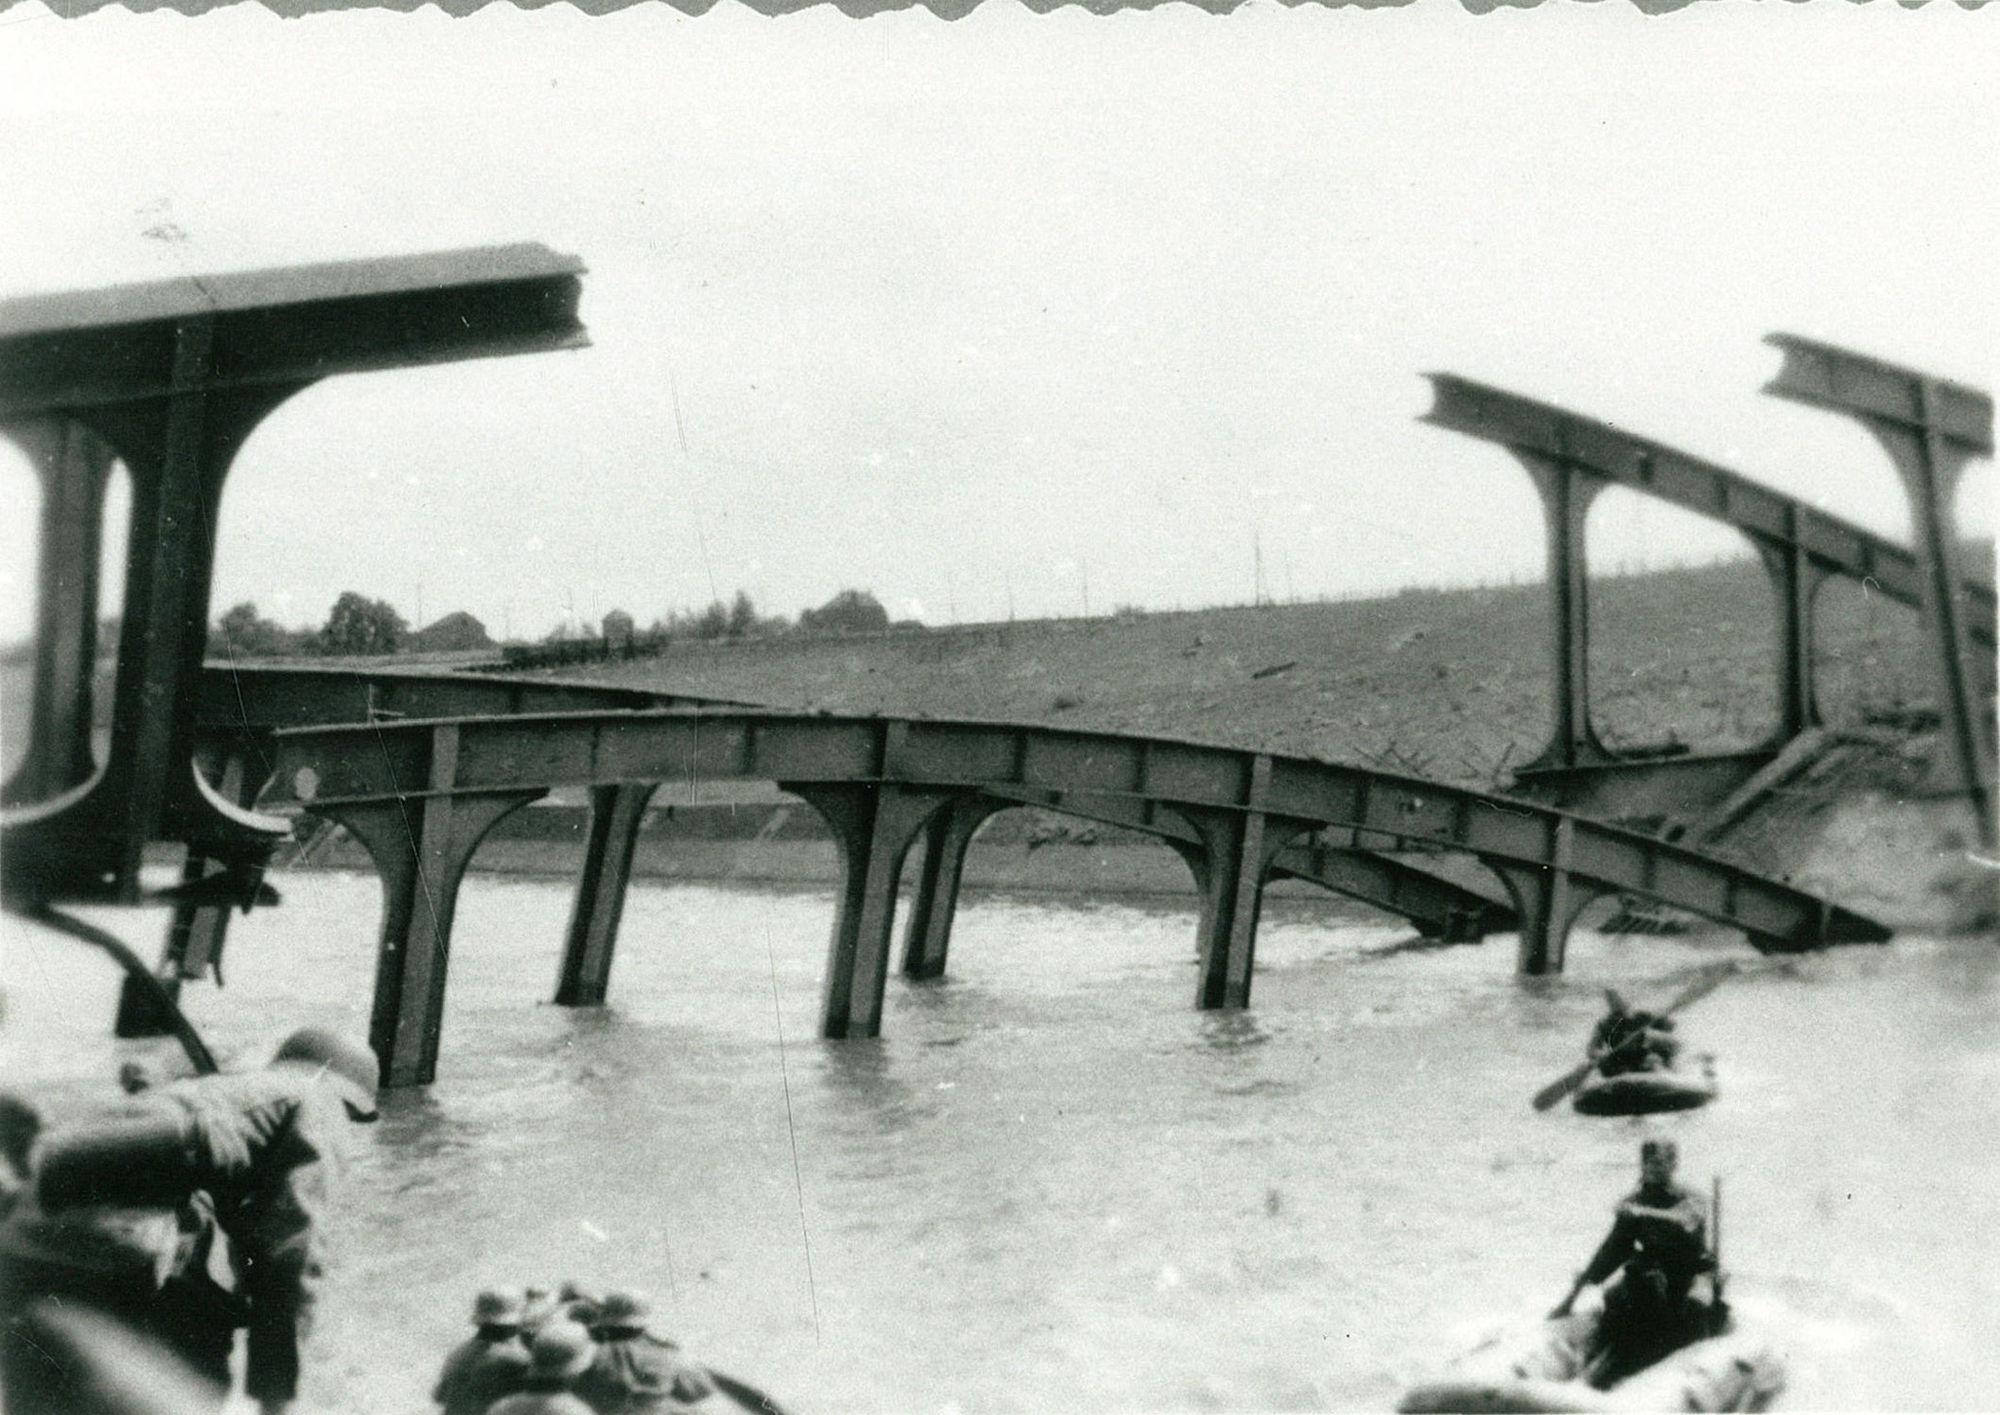 Brug over de Leie in mei 1940